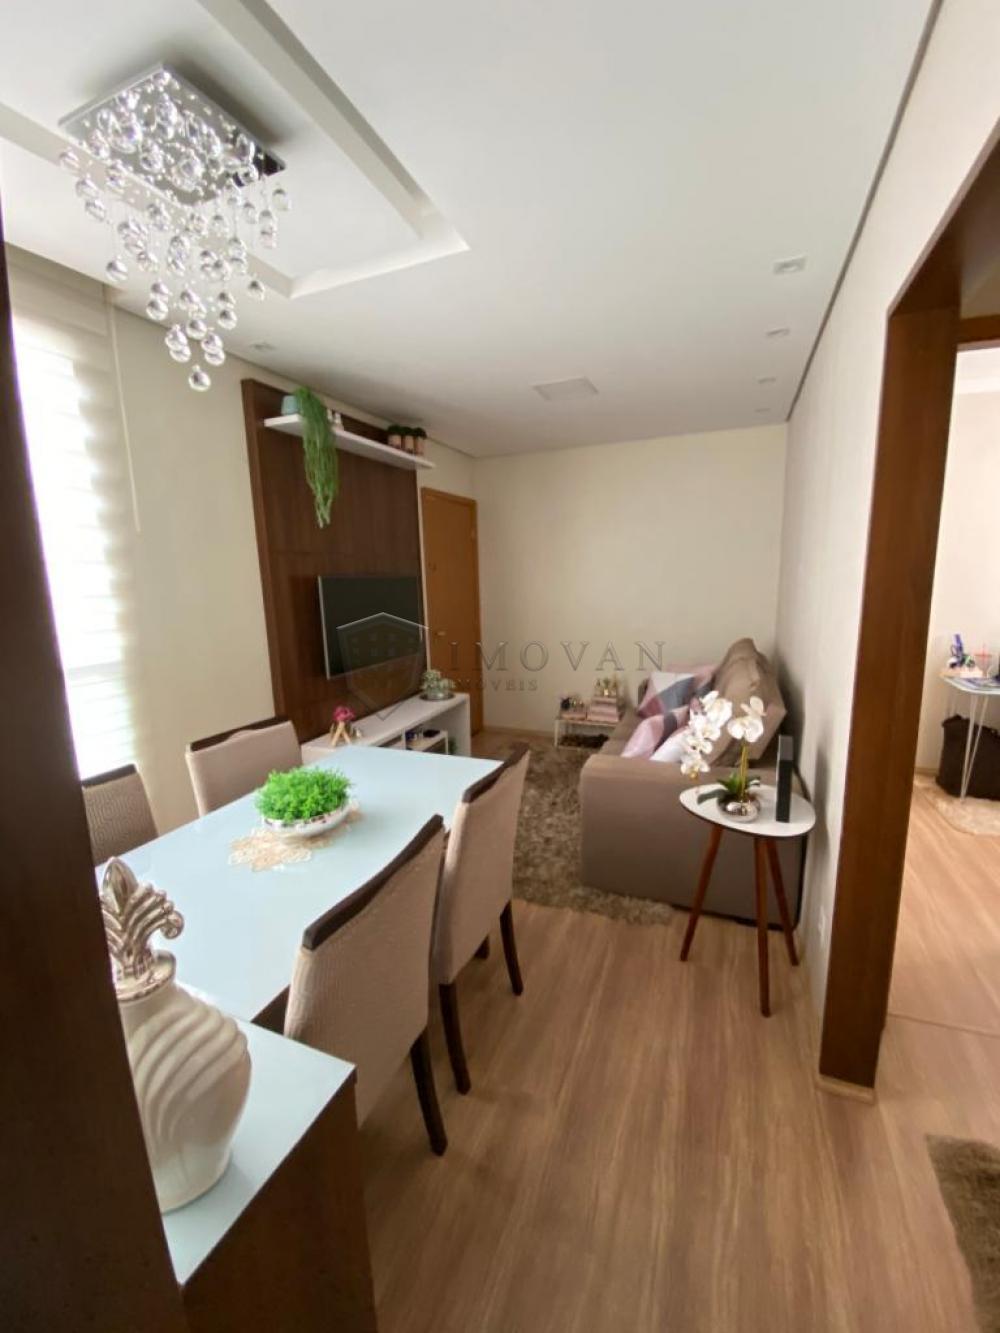 Comprar Apartamento / Padrão em Ribeirão Preto apenas R$ 195.000,00 - Foto 4